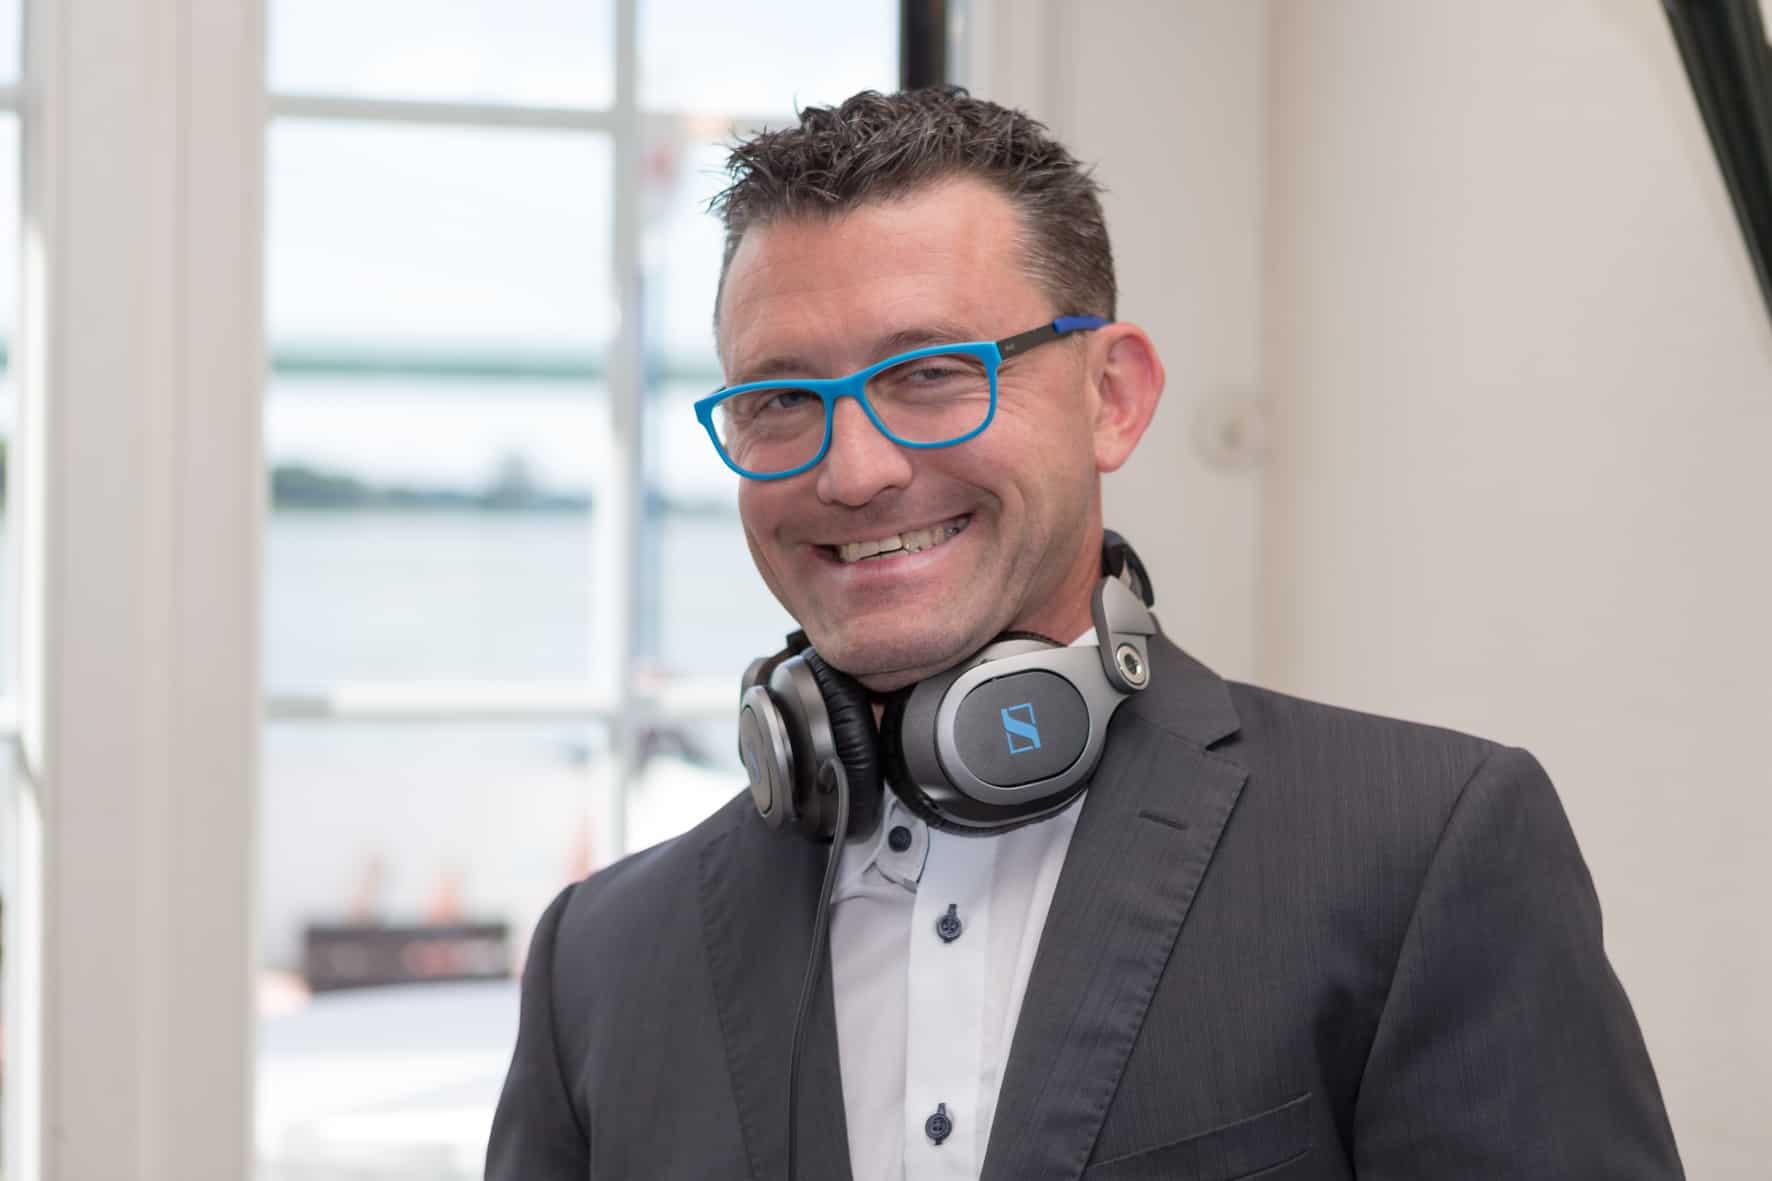 Michael G. Booking Dj – erfahrener DJ für Hochzeiten und Events in Hürth, Köln, Kerpen, Frechen